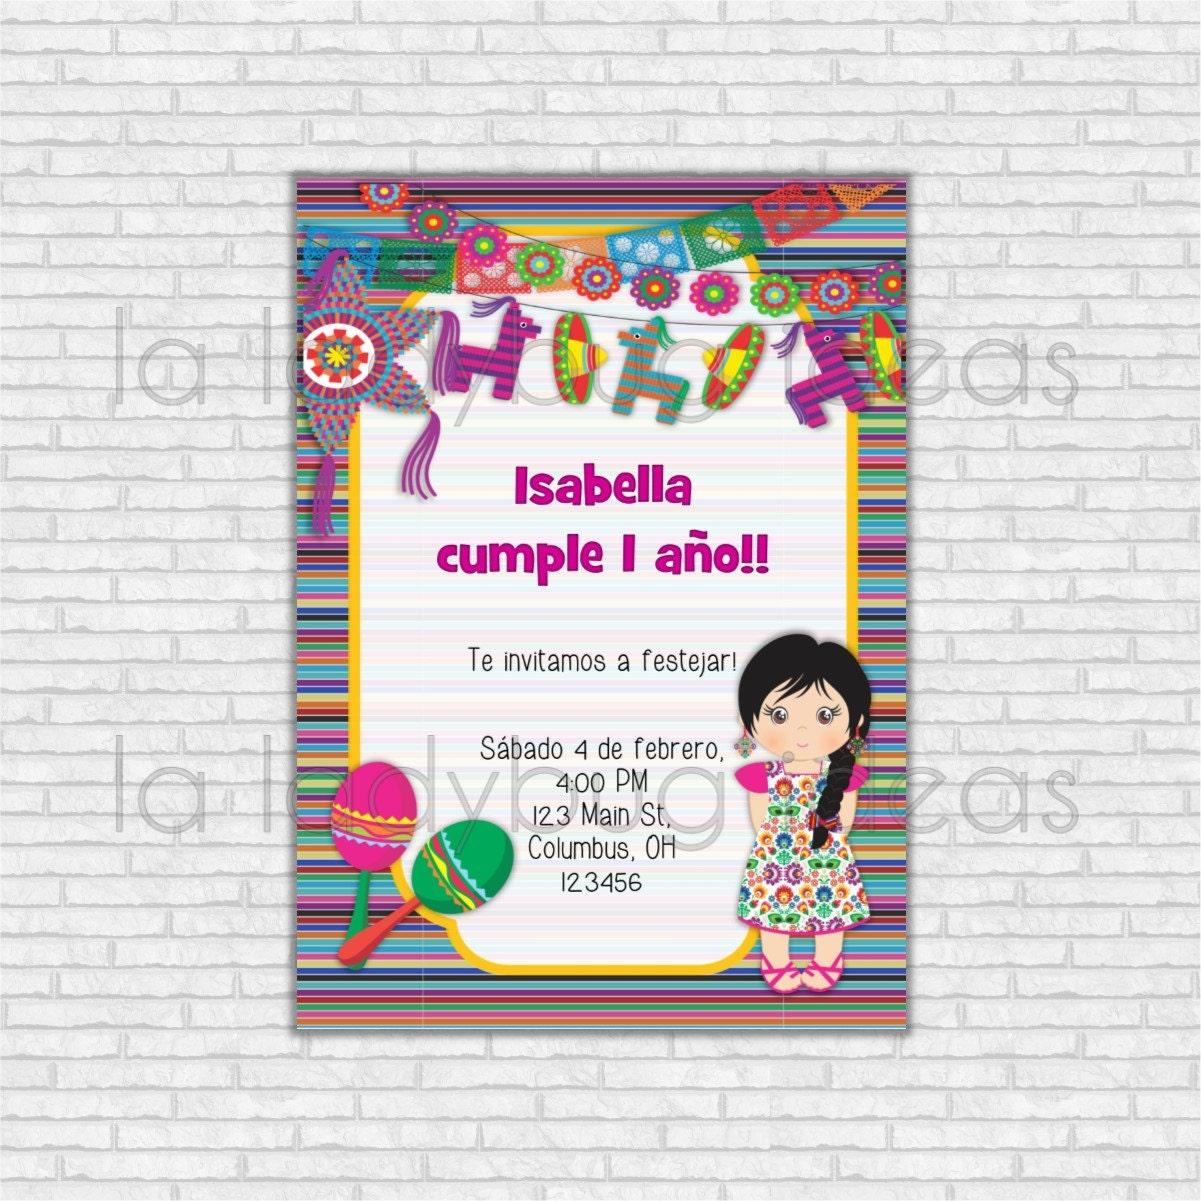 Invitaci n de cumplea os fiesta mexicana para imprimir - Fiestas de cumpleanos para ninas ...